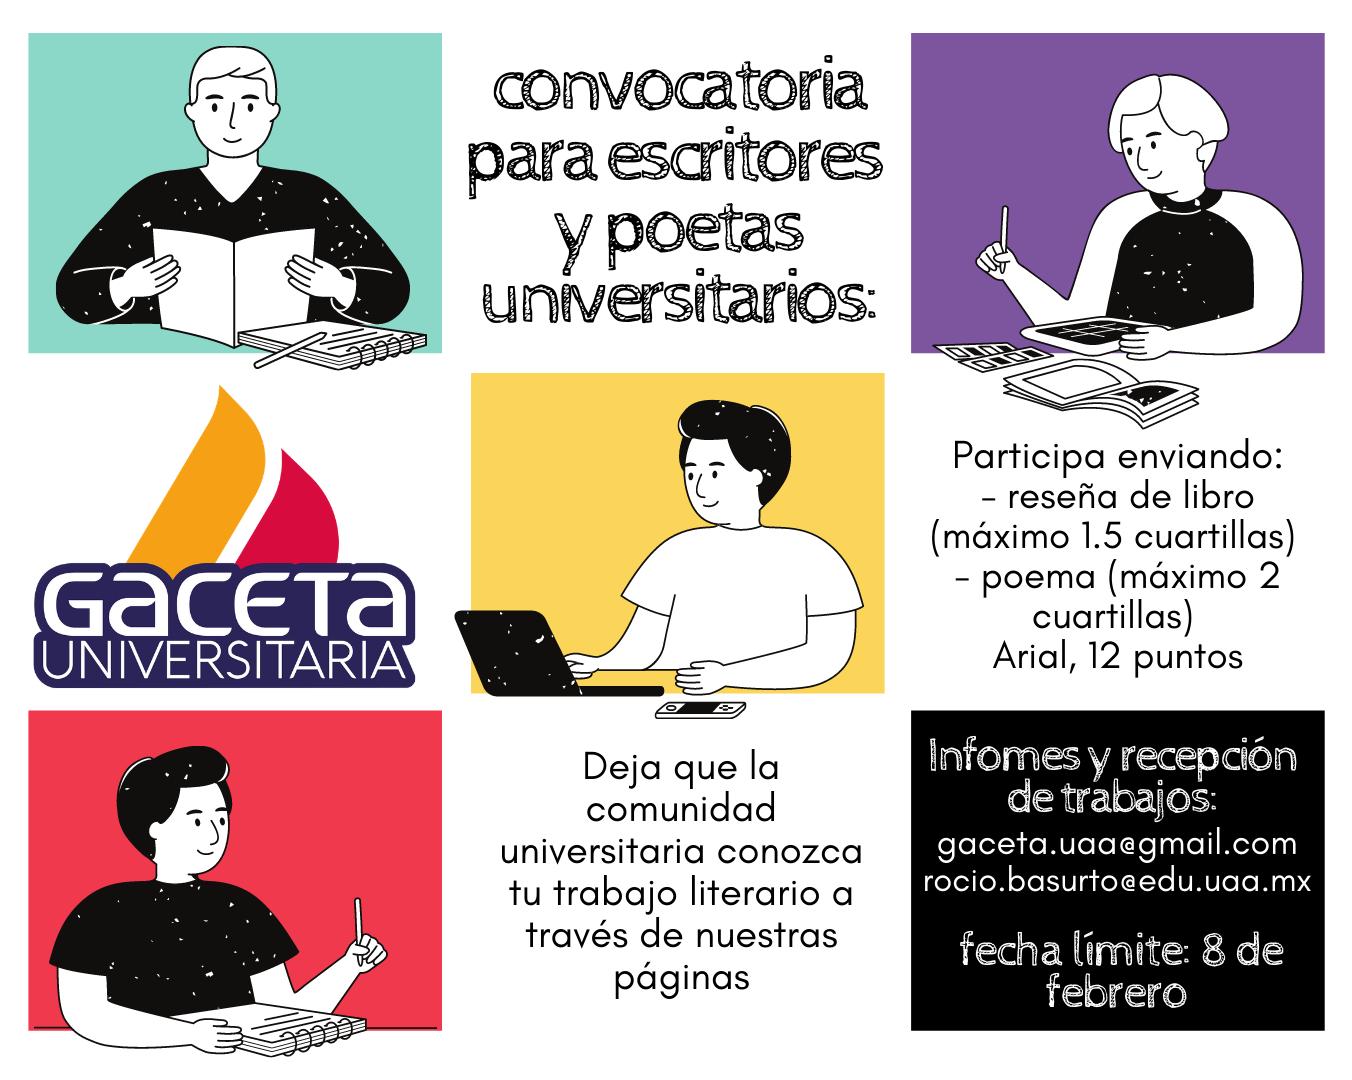 Convocatoria colaboraciones (reseña y poemas) para Gaceta Universitaria